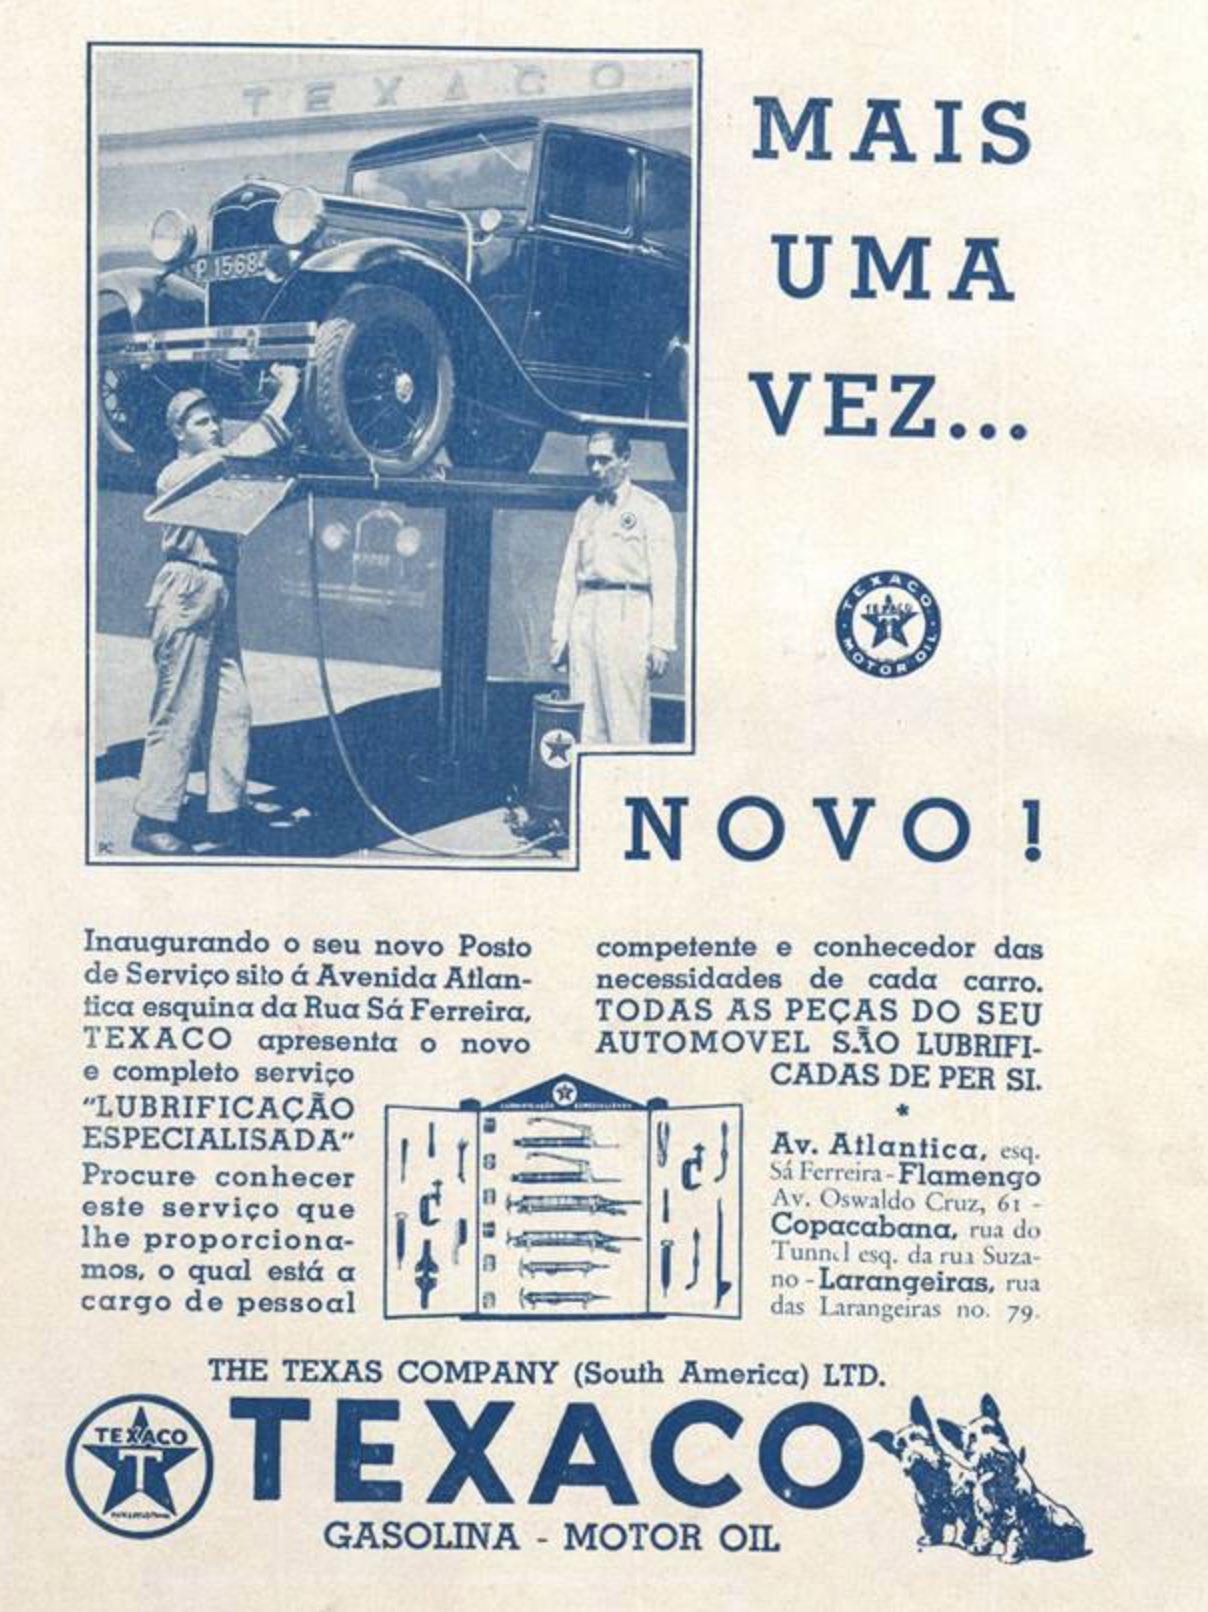 Anúncio da Texaco de 1931 apresentando serviço de troca de óleo na cidade do Rio de Janeiro